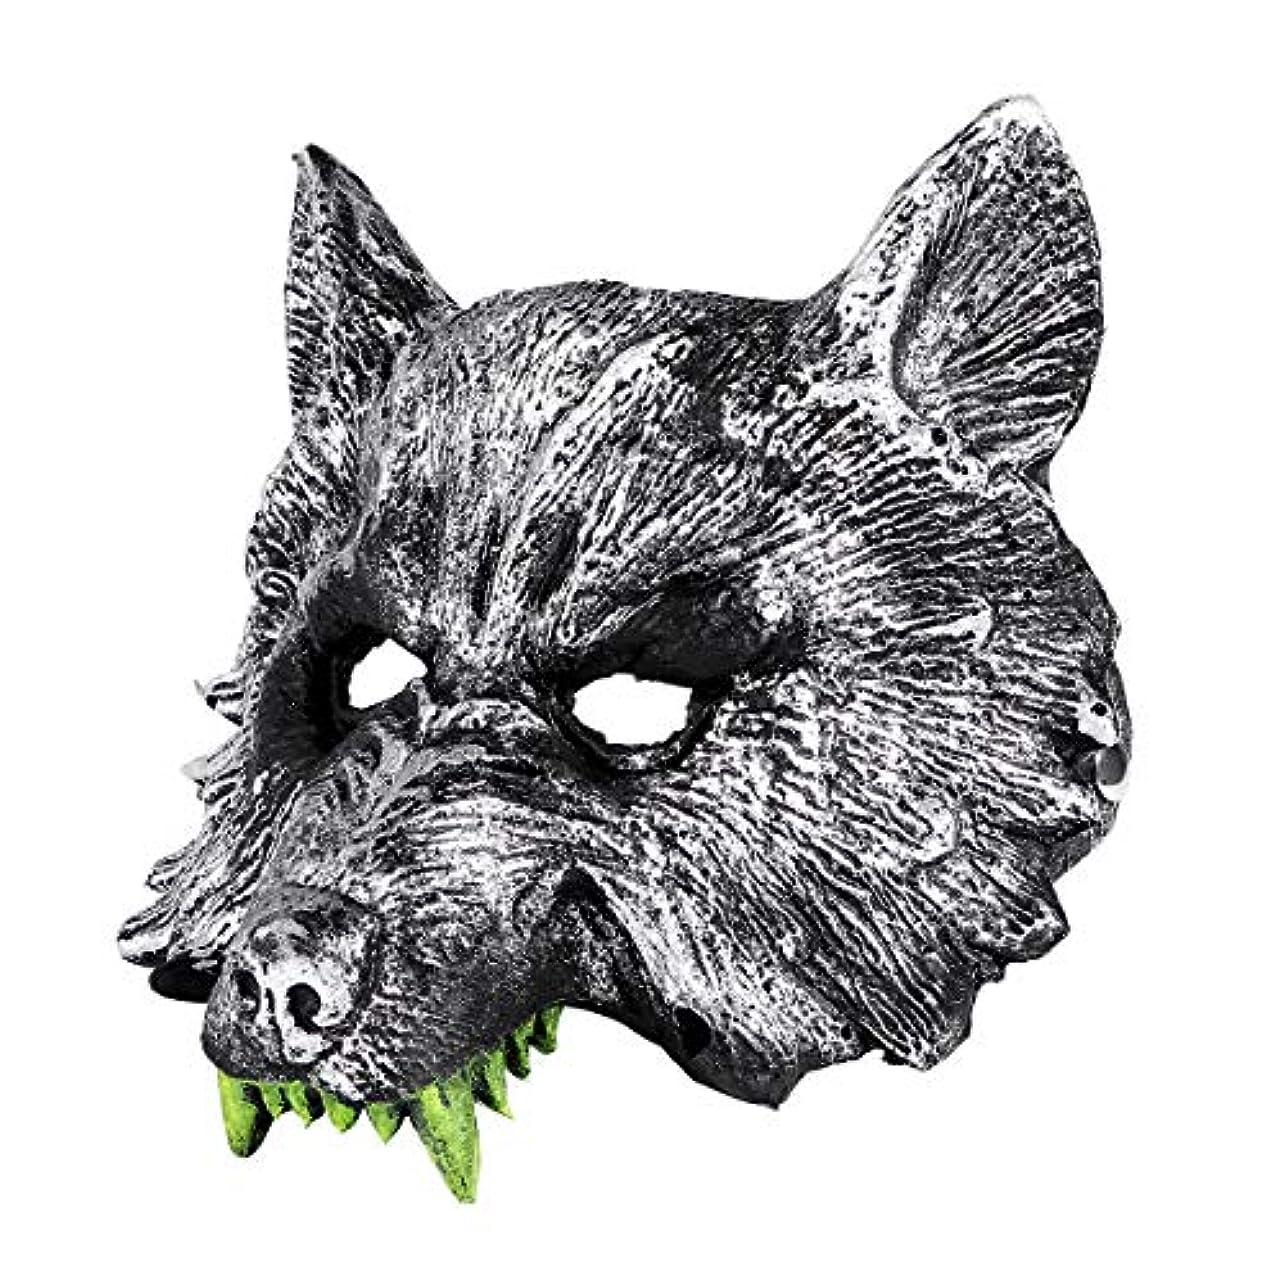 オゾン即席オーガニックコスプレハロウィーン仮装のためのNUOLUX灰色オオカミヘッドマスクファンシードレスパーティー小道具